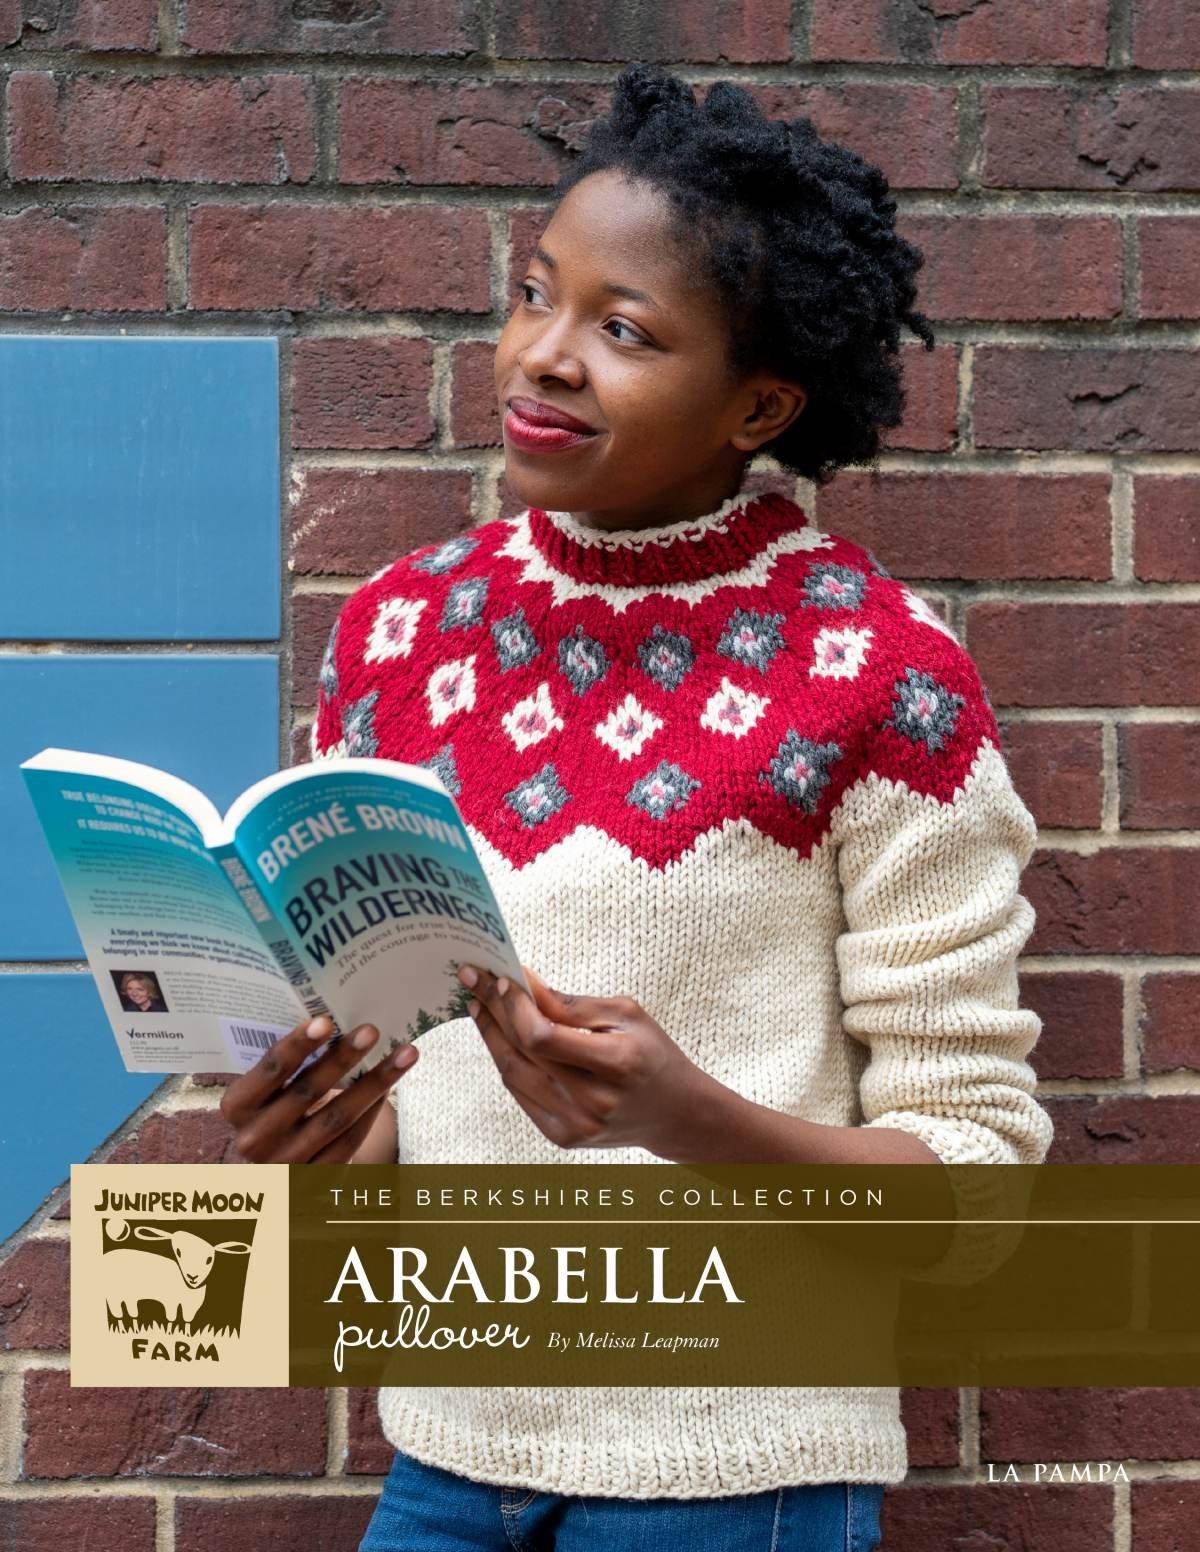 Arabella Pullover pattern